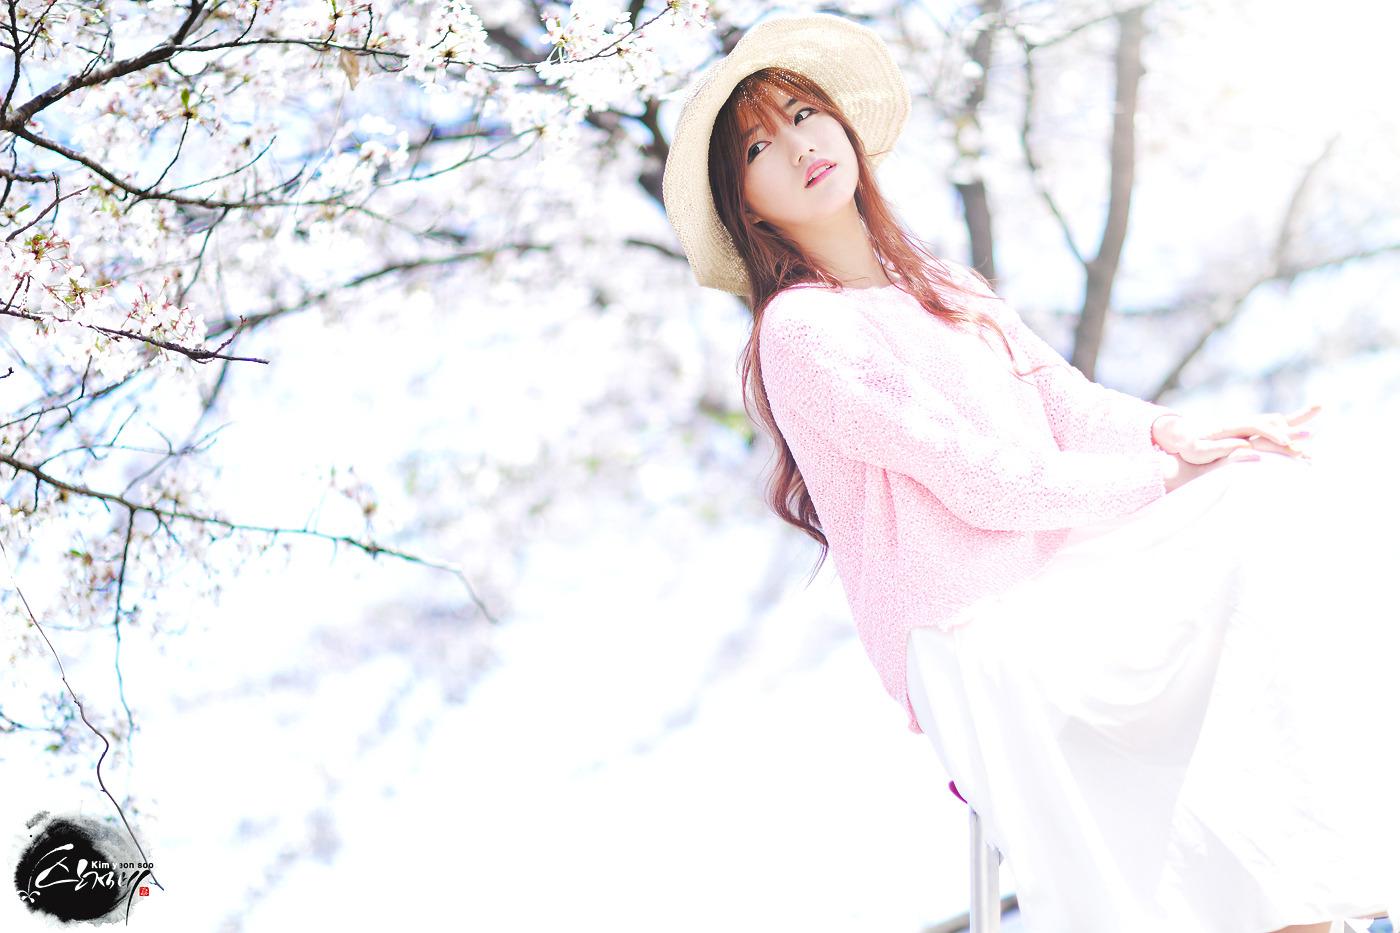 한여름의 벚꽃엔딩 캐논 만투 레이싱모델 임솔아